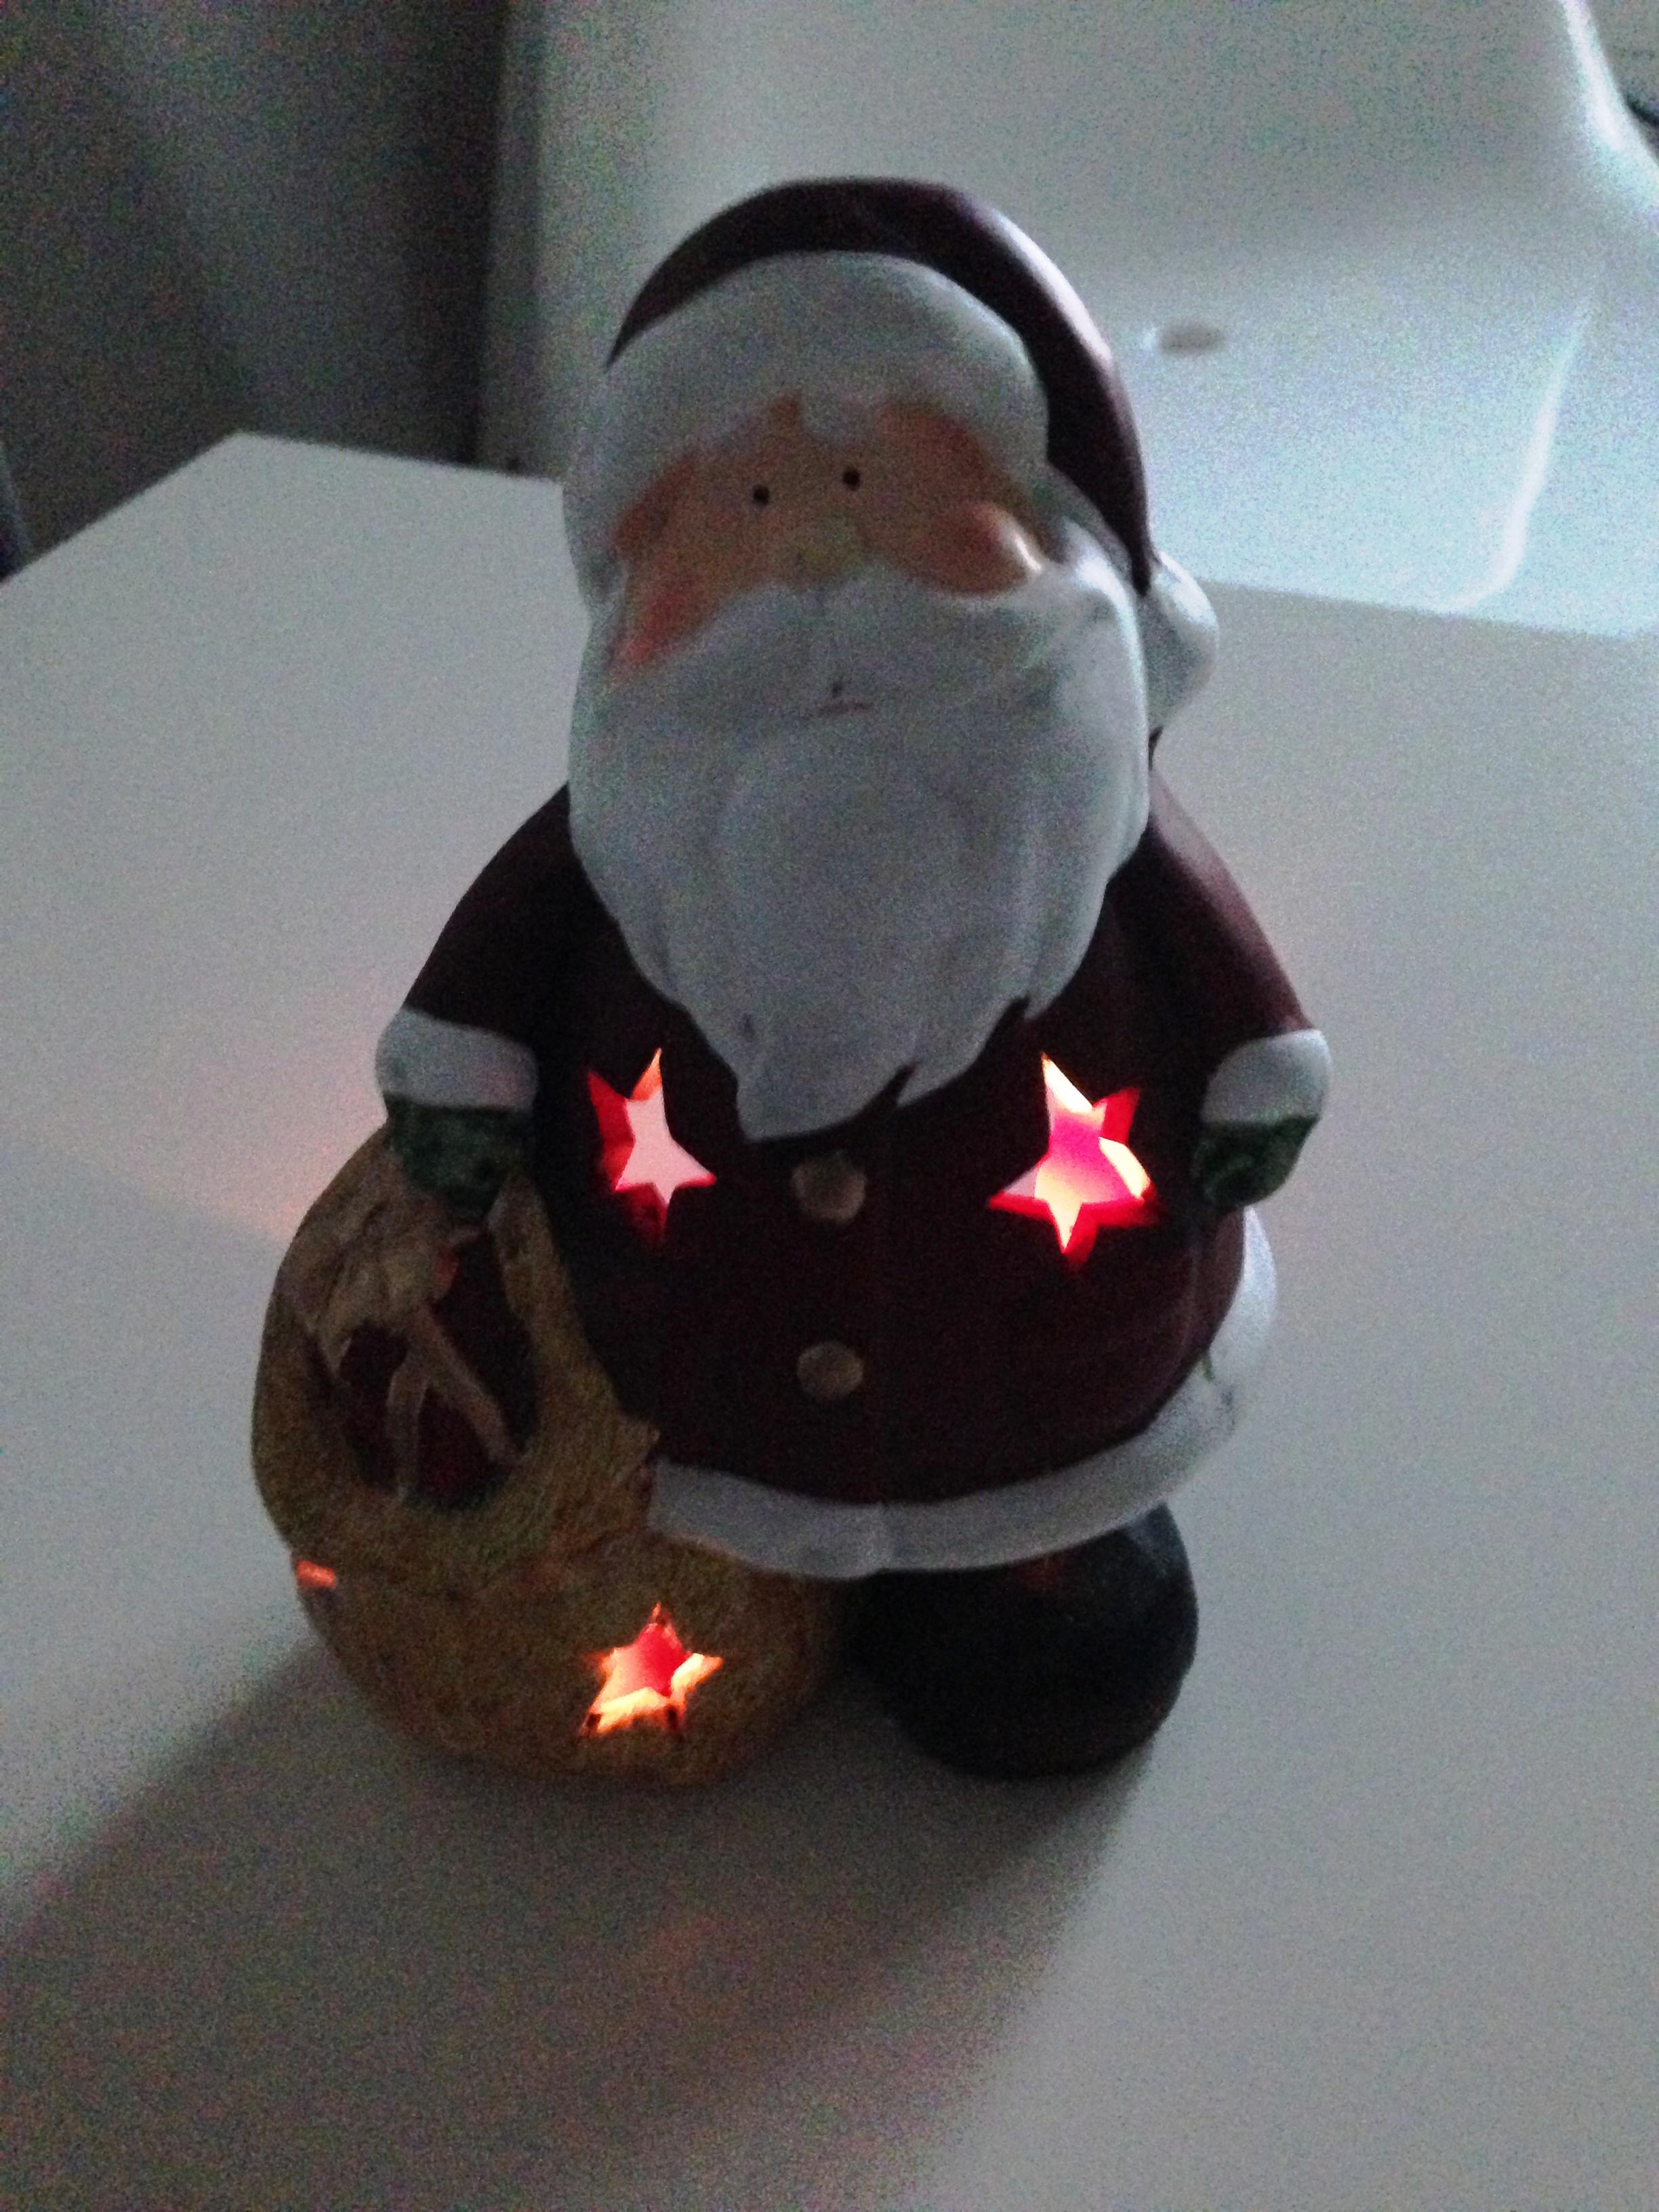 #427089 Envoyez Nous Vos Photos De Décorations De Noël Signé Genève 5435 decorations de noel geneve 2448x3264 px @ aertt.com